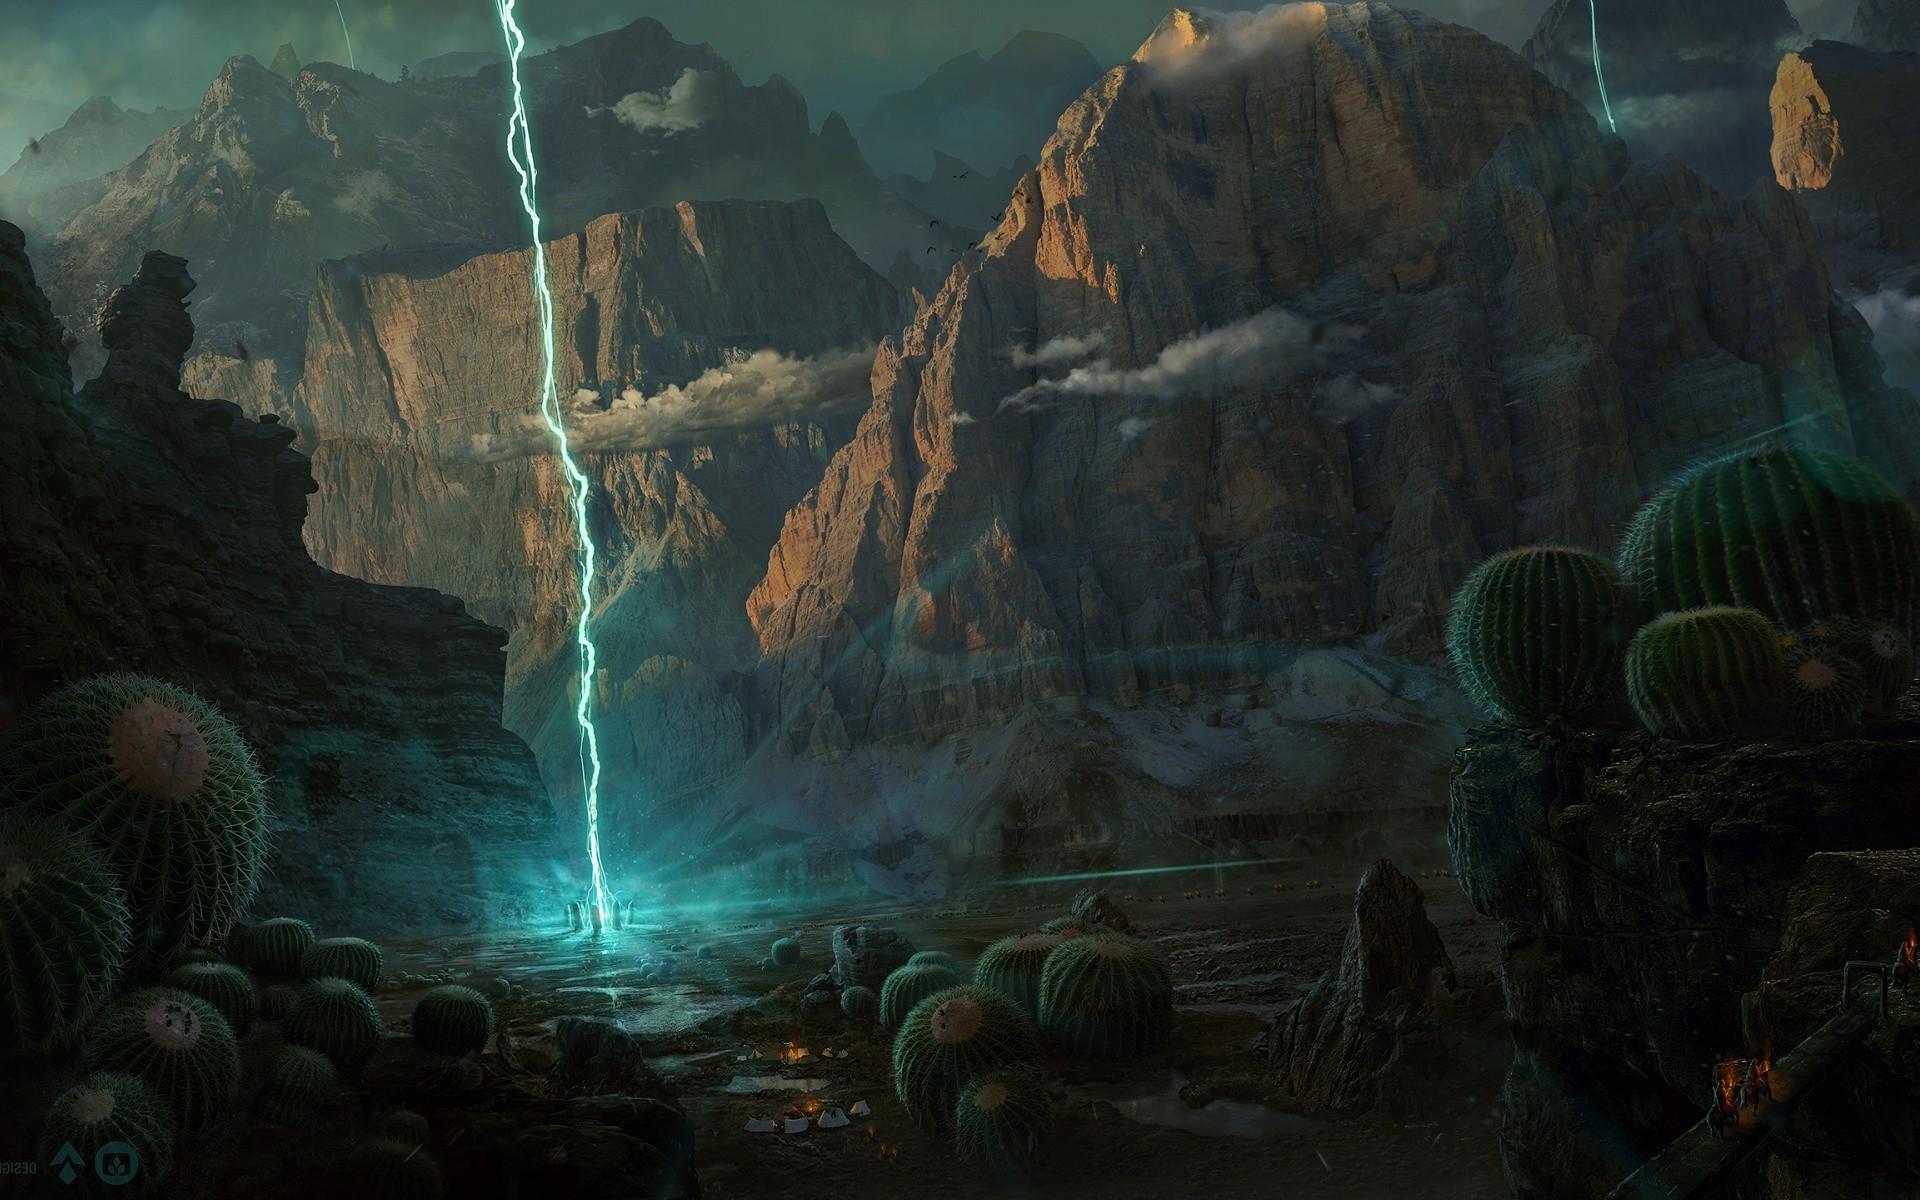 Wallpaper landscape digital art fantasy art earth - Fantasy game wallpaper ...